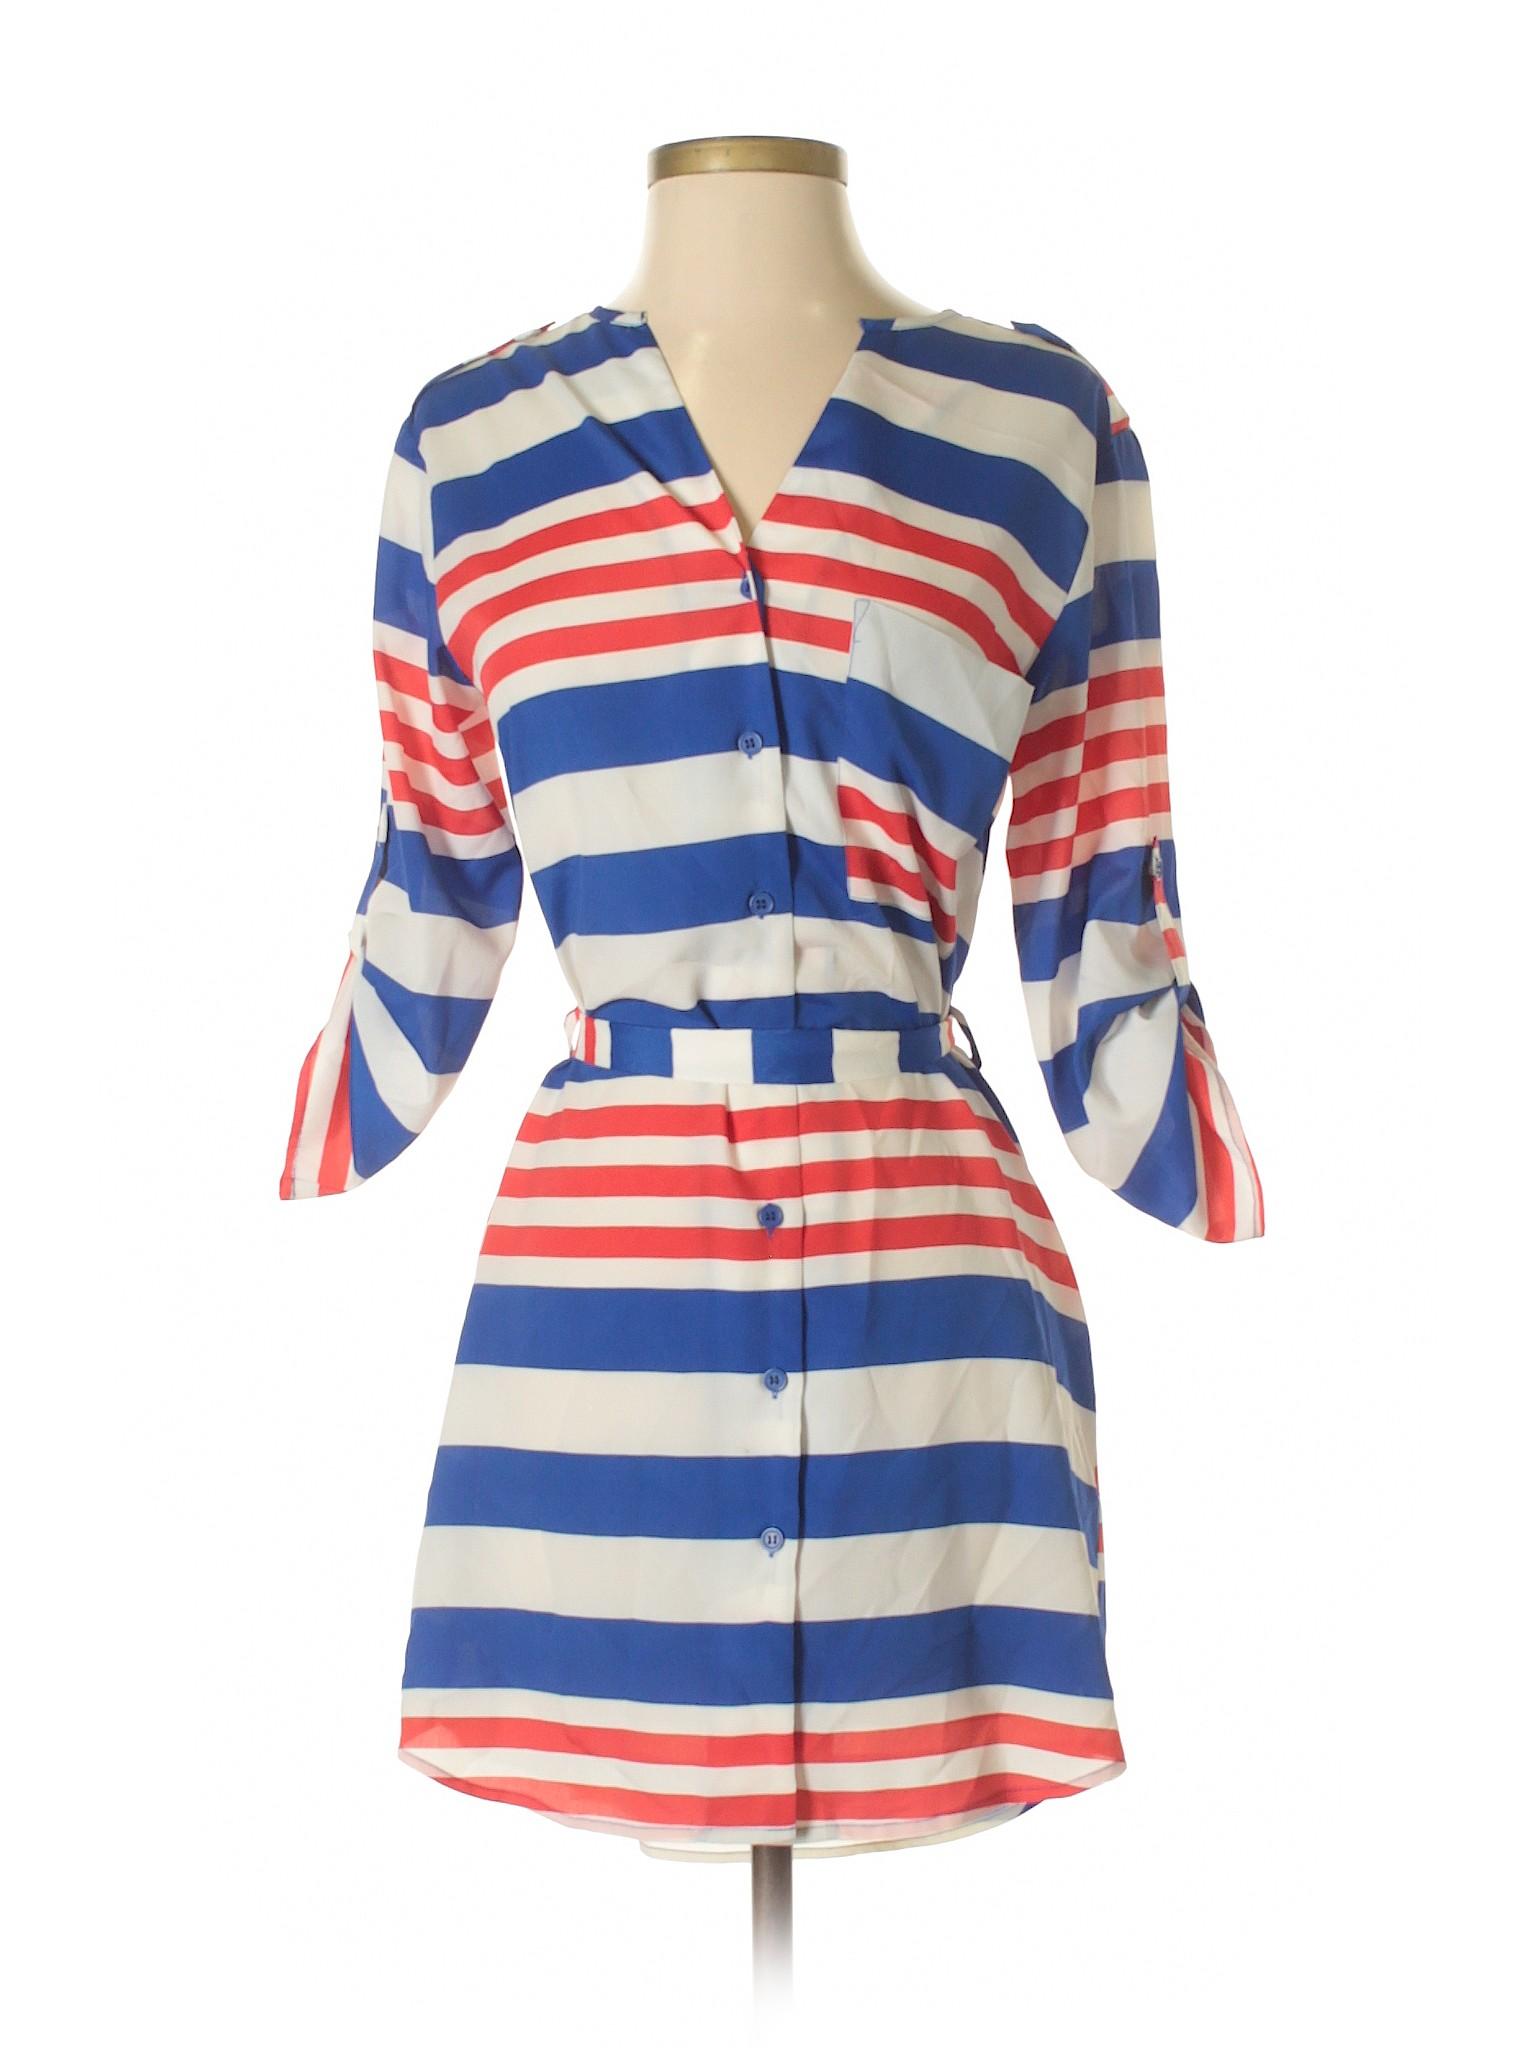 Casual Selling Aqua Selling Aqua Casual Dress Dress qvwxXxBd1